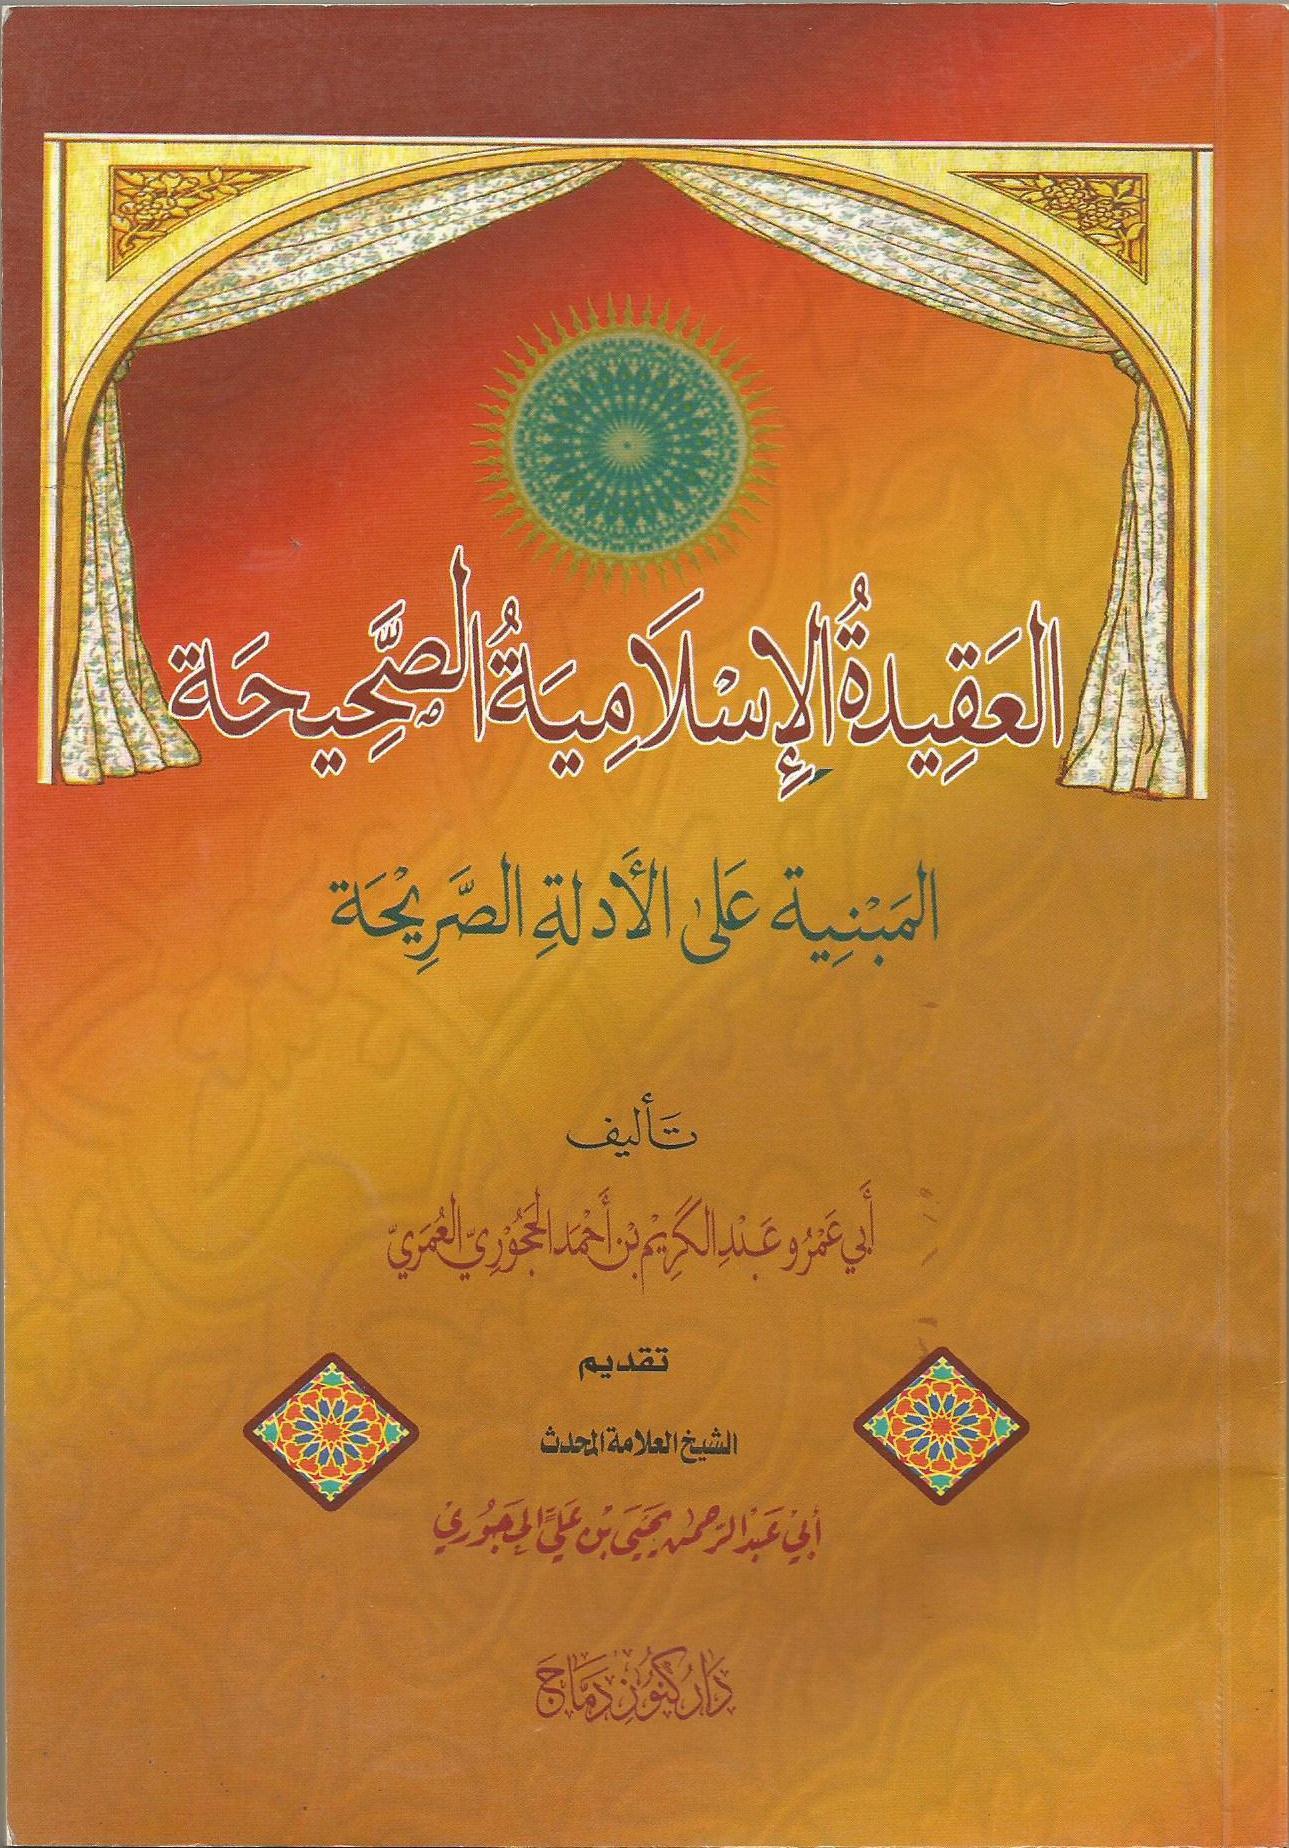 العقيدة الإسلامية الصحيحة المبنية على الأدلة الصريحة